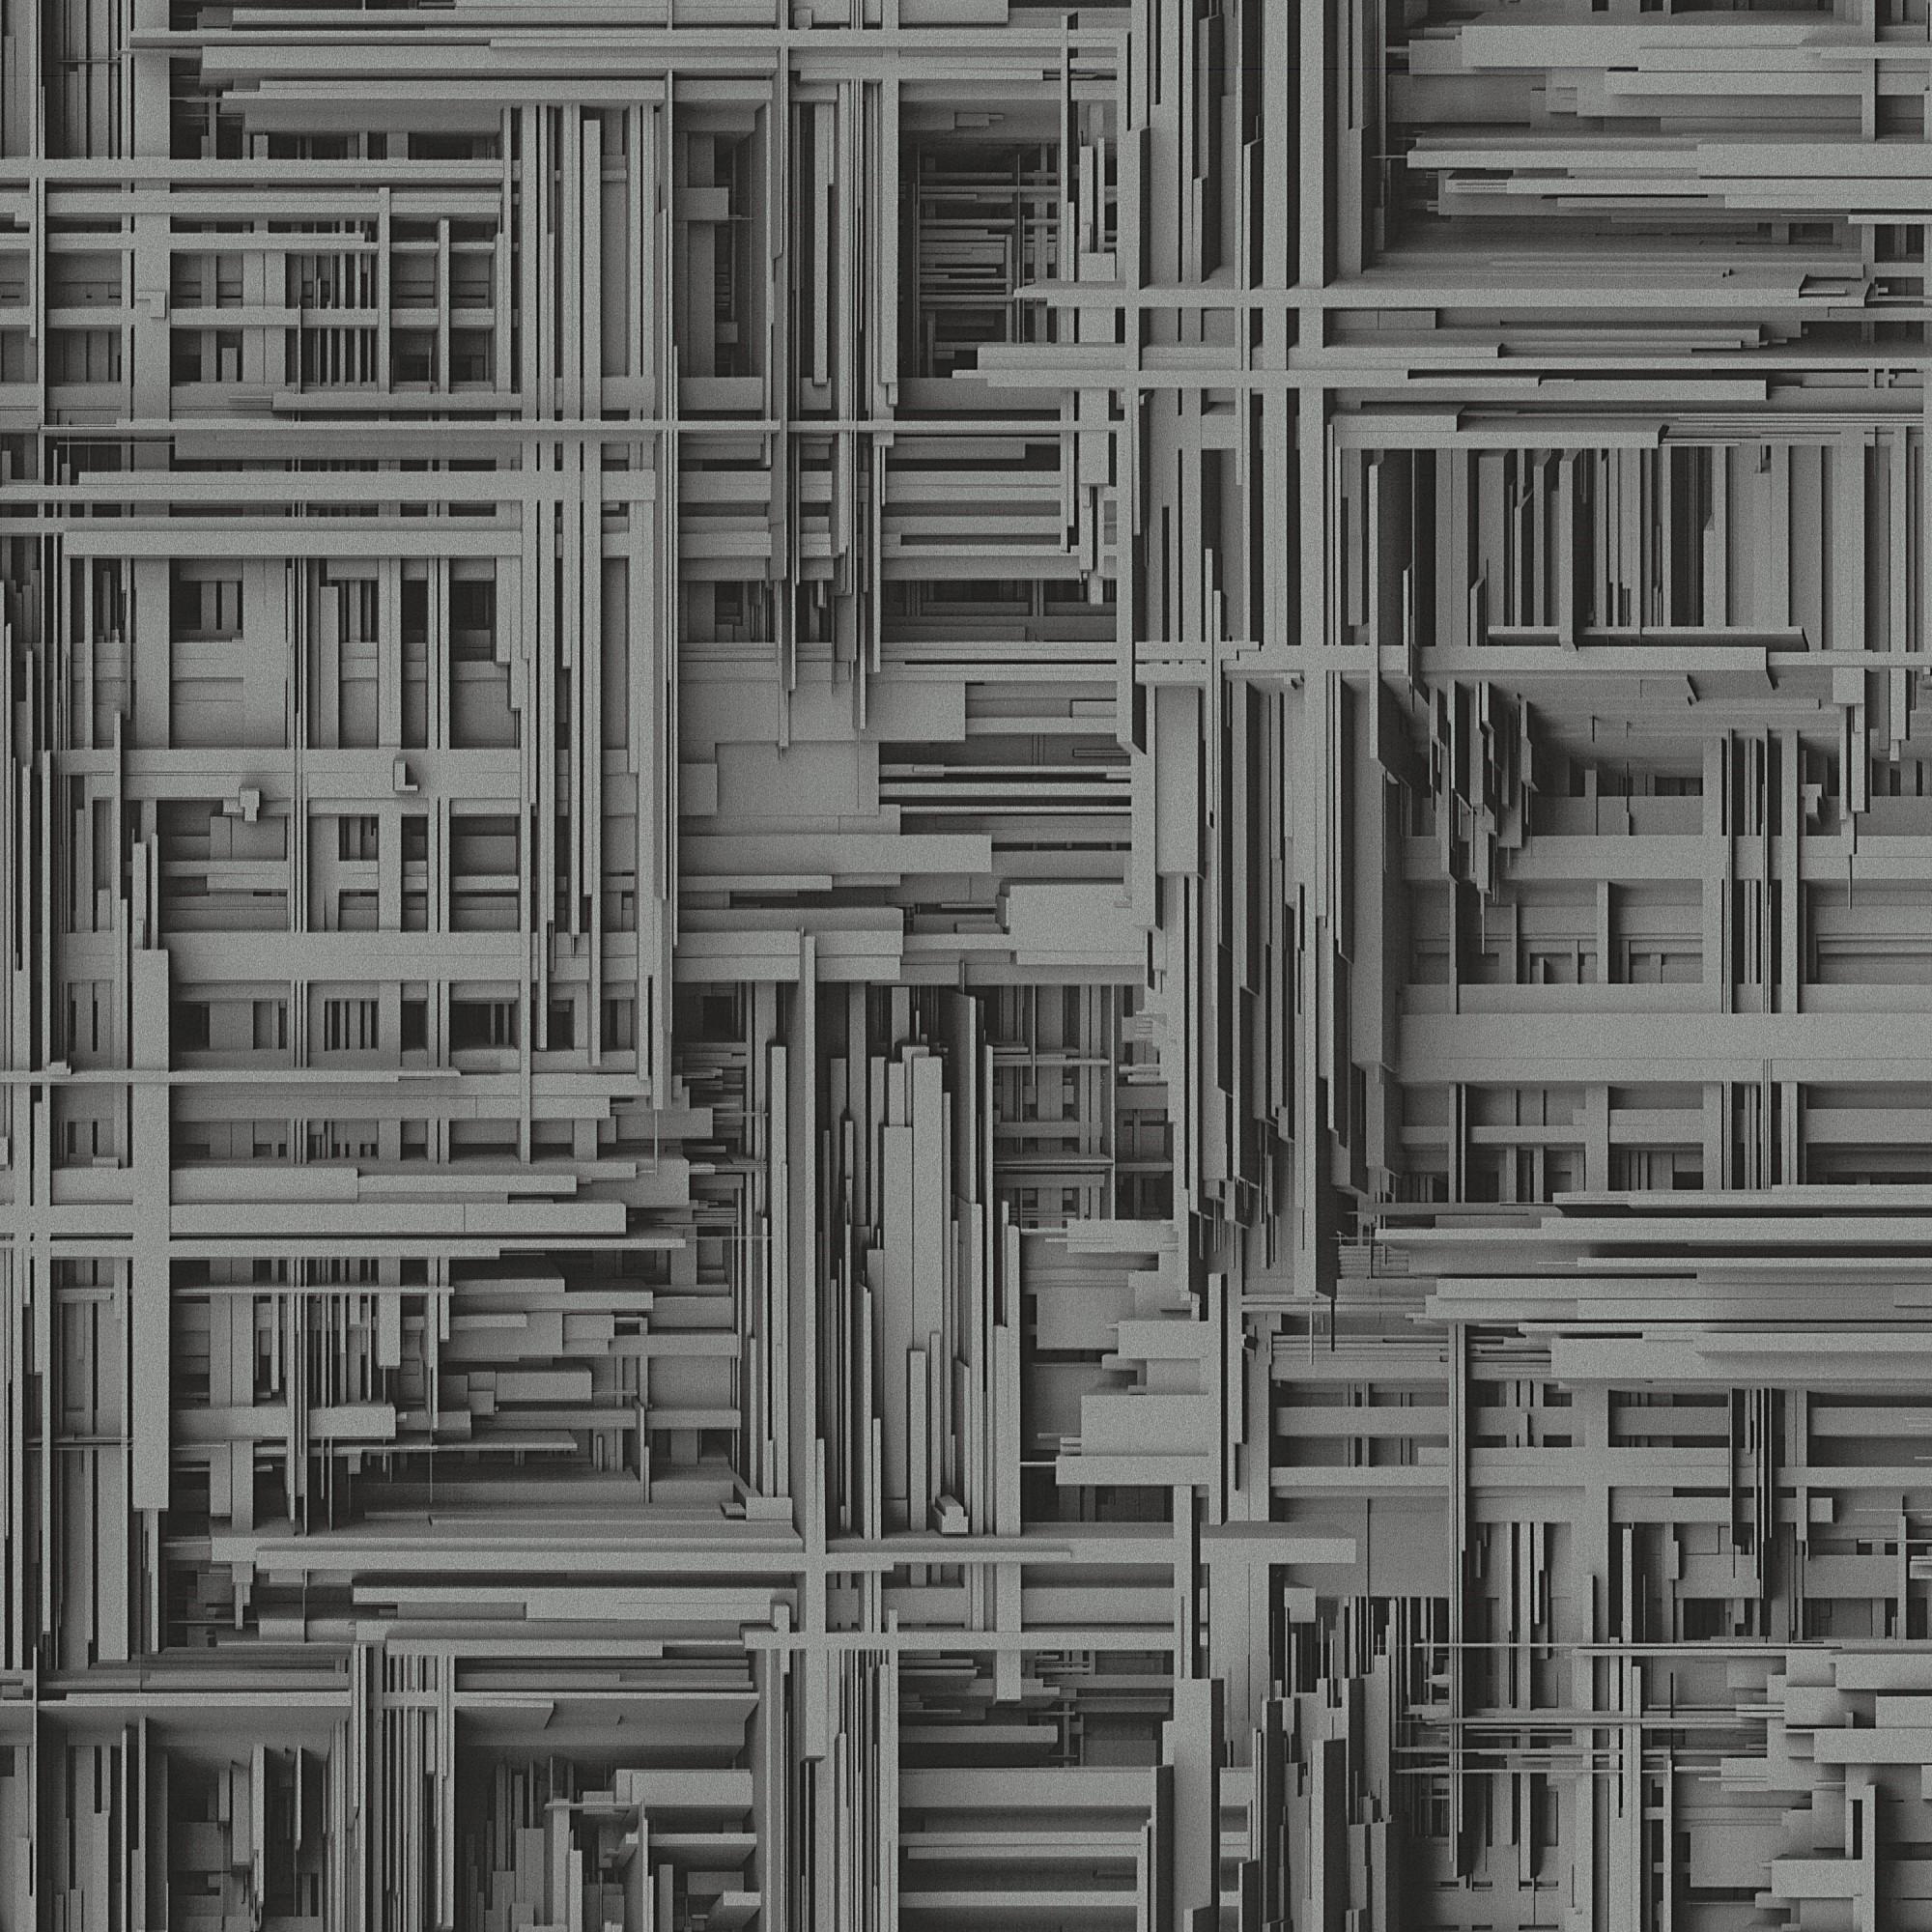 schlafzimmer tapete schlafzimmer modern times 42098 20 design tapete vlies schwarz grau metallic 3d - Tapeten Wohnzimmer Modern Grau